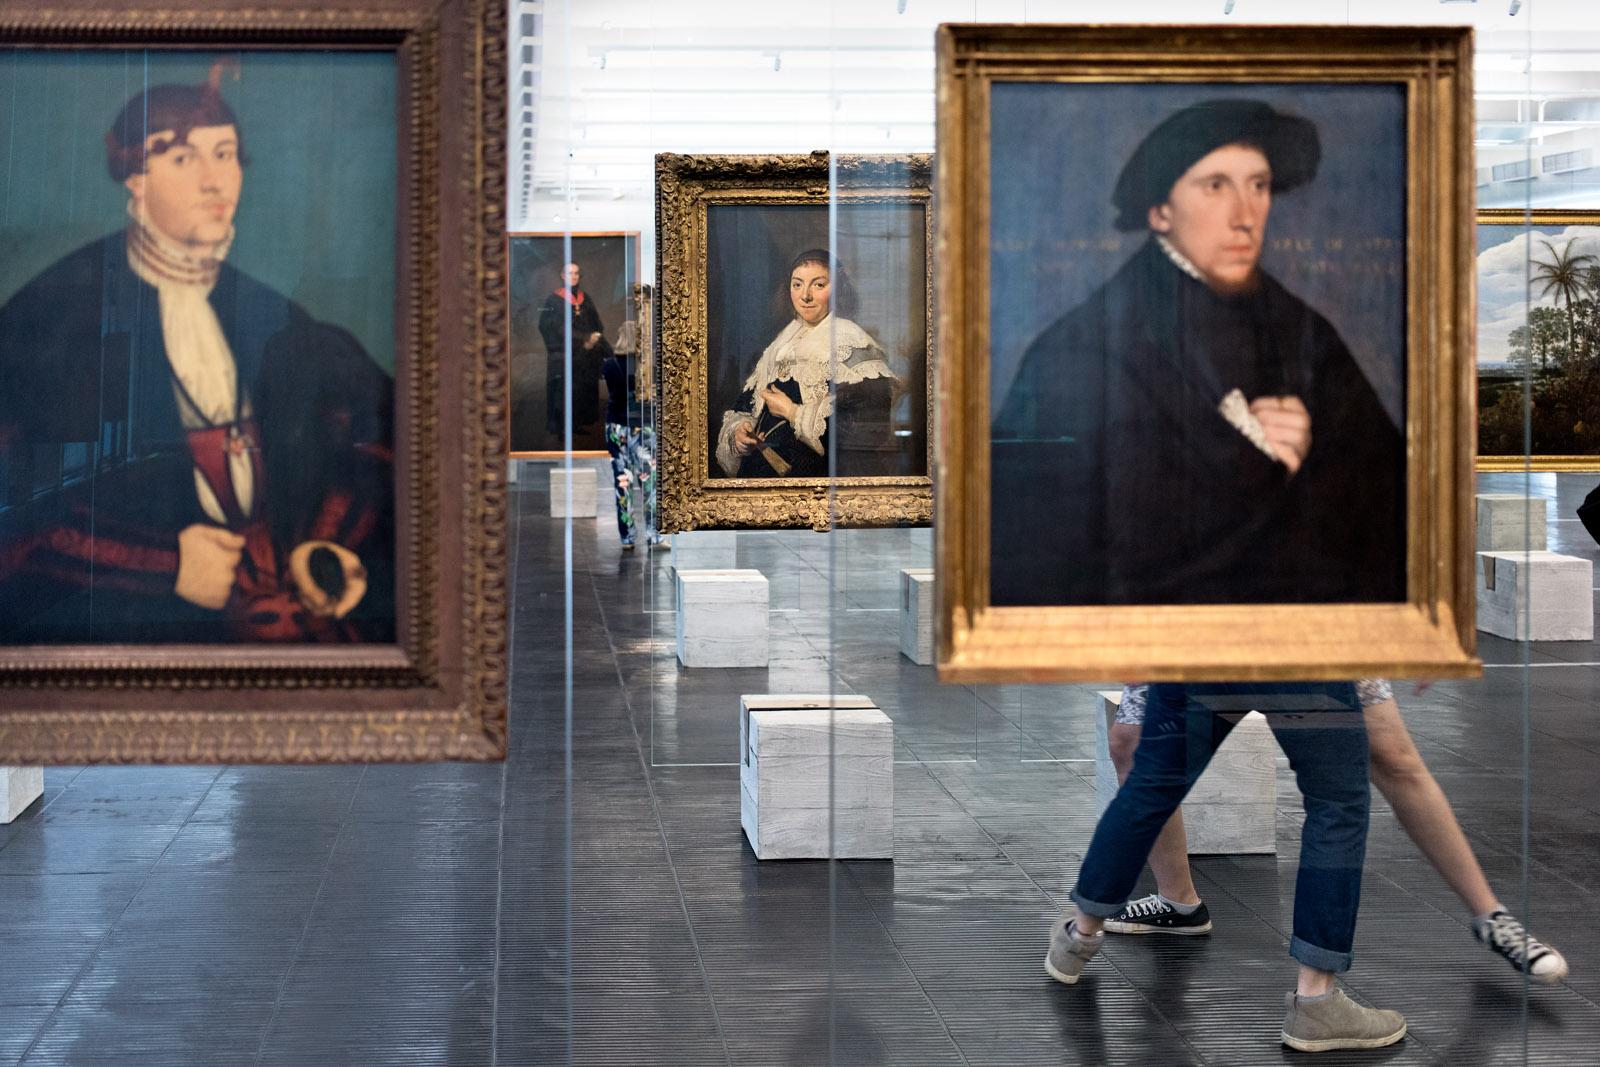 Museu de Arte de São Paulo. All rights reserved © Tomas Bertelsen